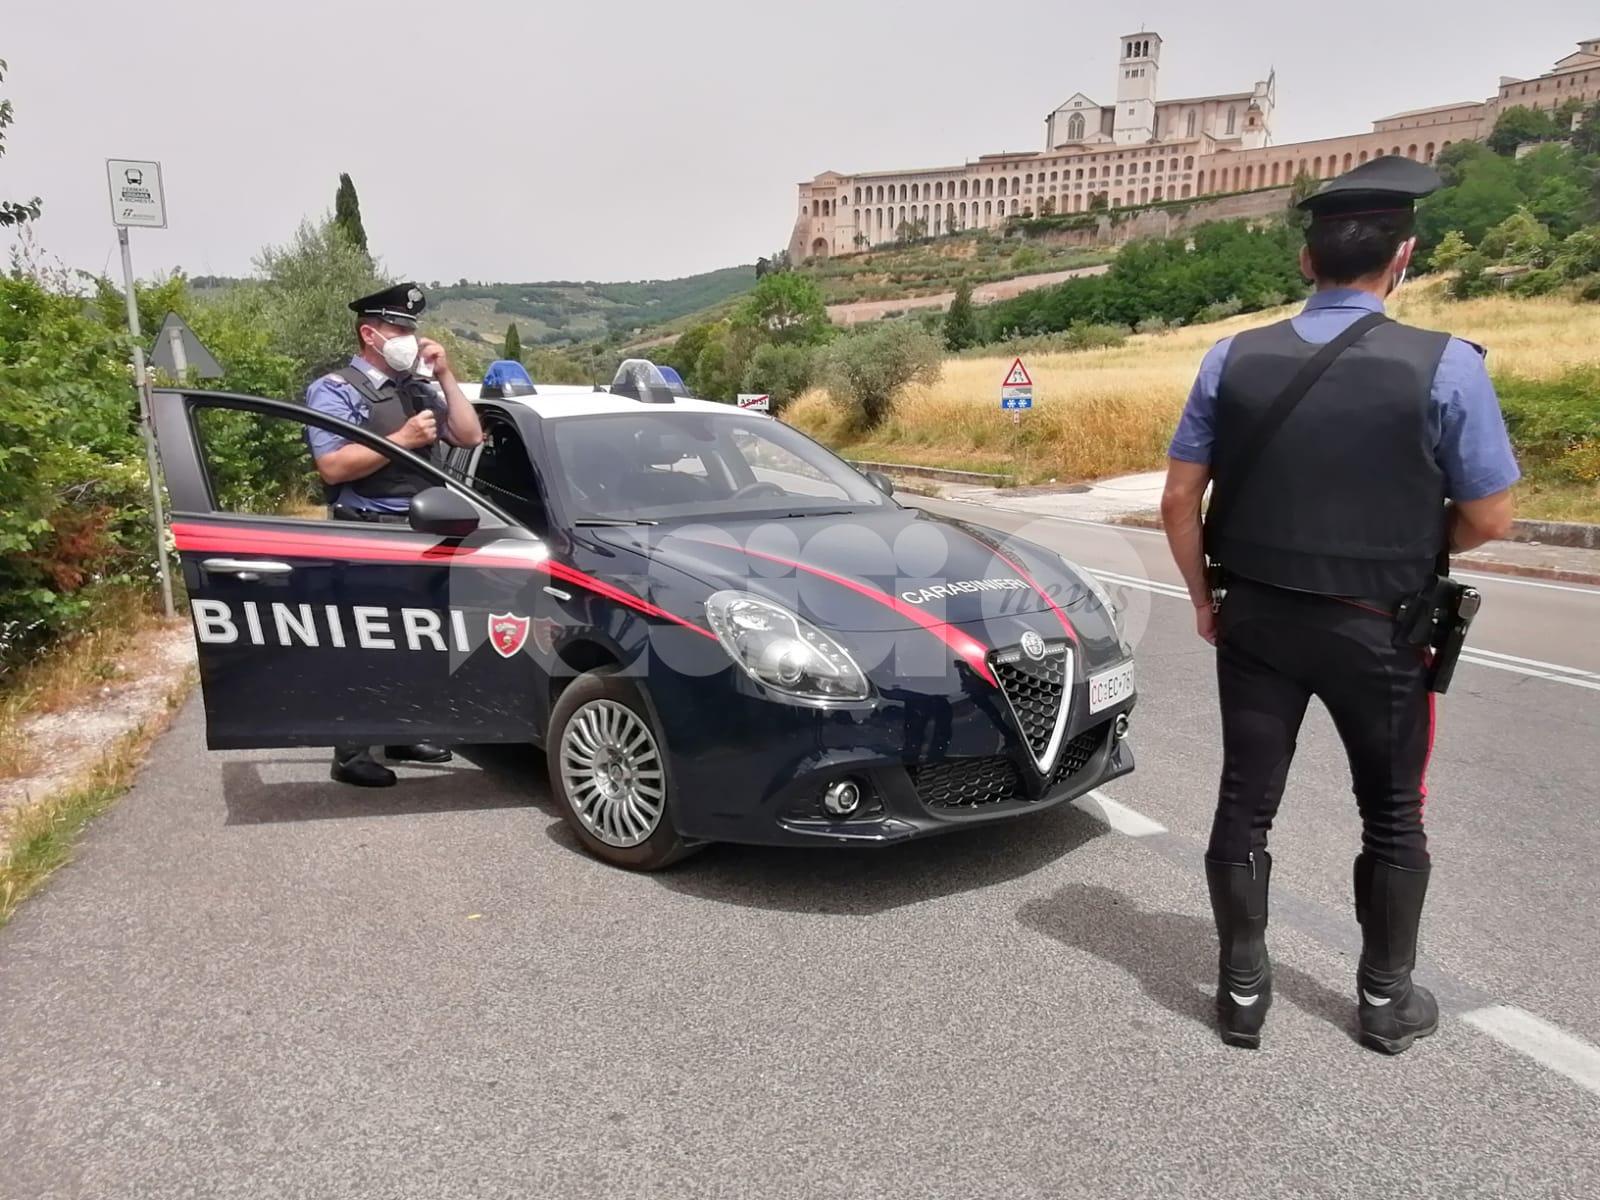 Reddito di cittadinanza percepito senza averne più diritto, scoperto dai carabinieri